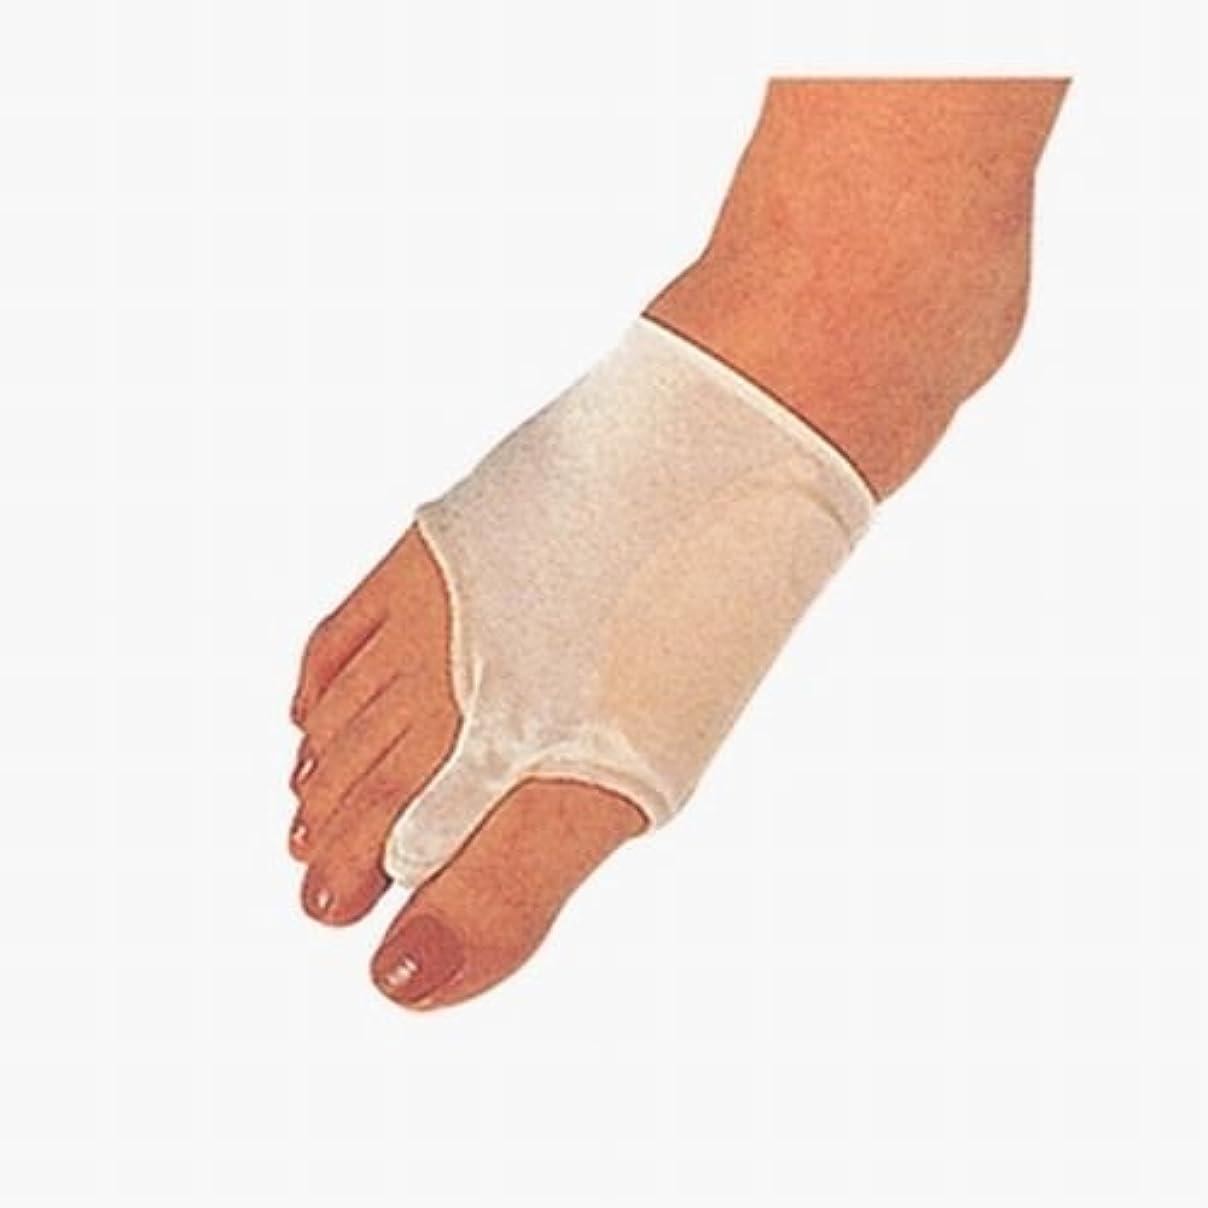 フリッパーファイバ宗教SORBO(ソルボ) ソルボ外反母趾サポーター薄型(片方入り/右足用)